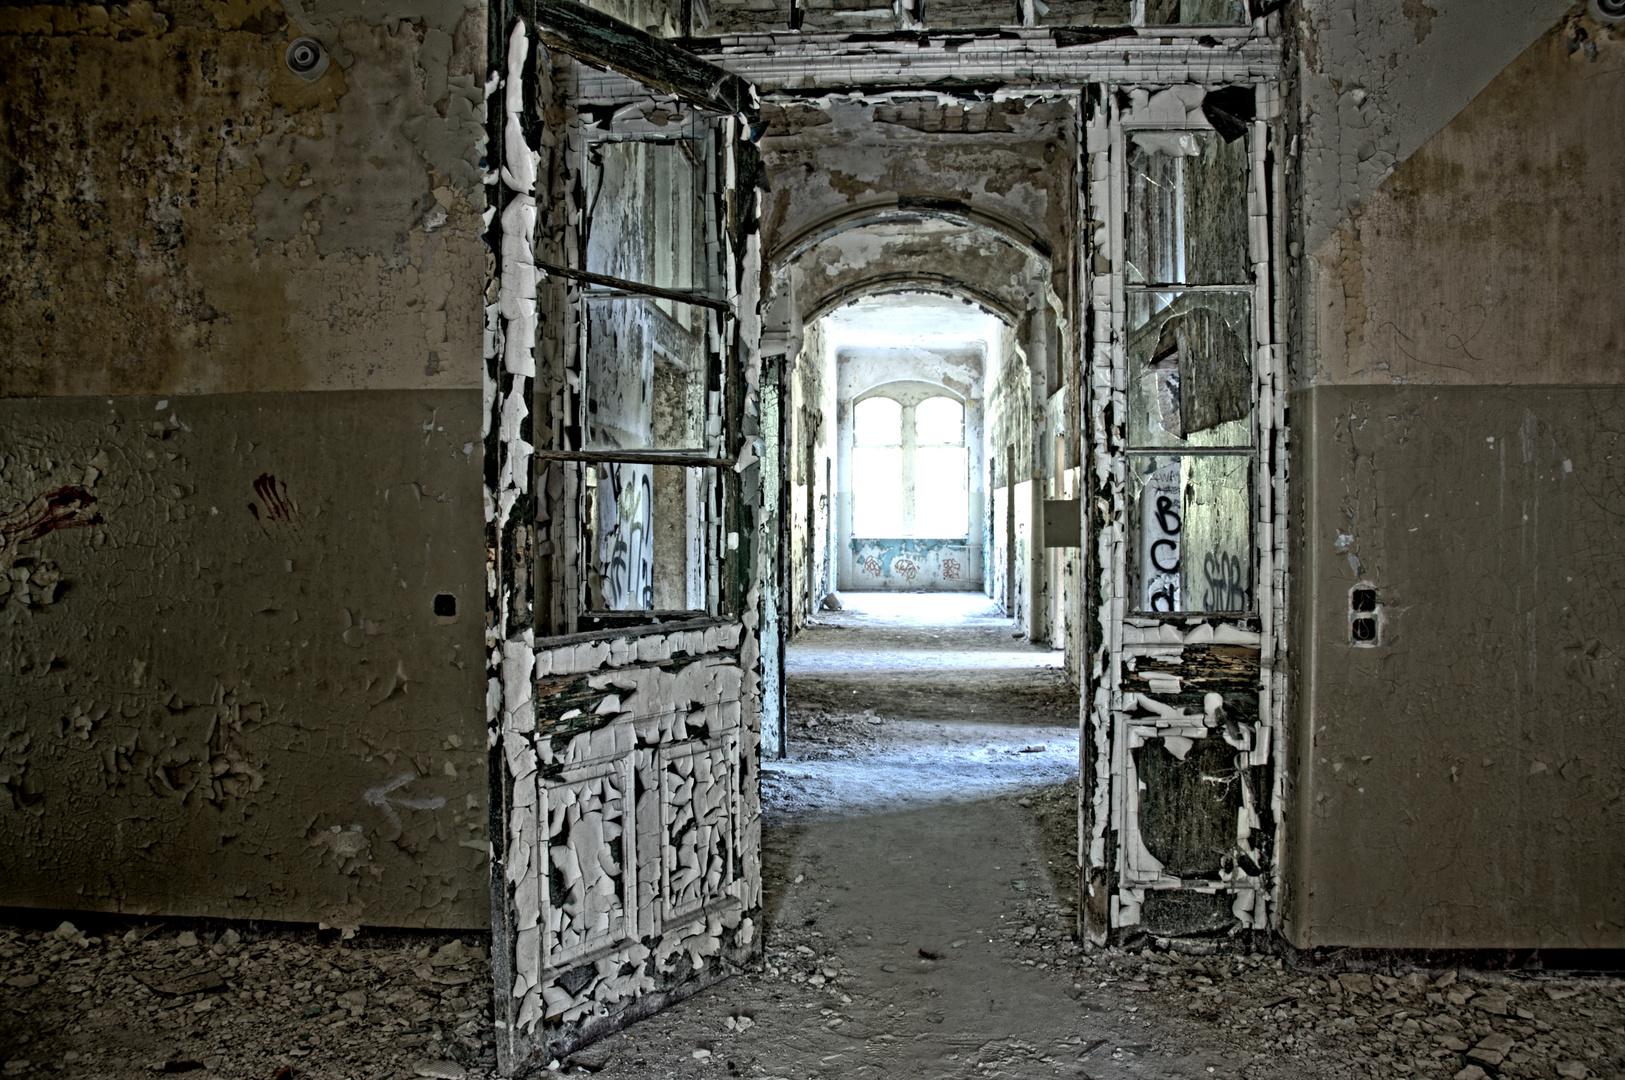 Türen in Farbe